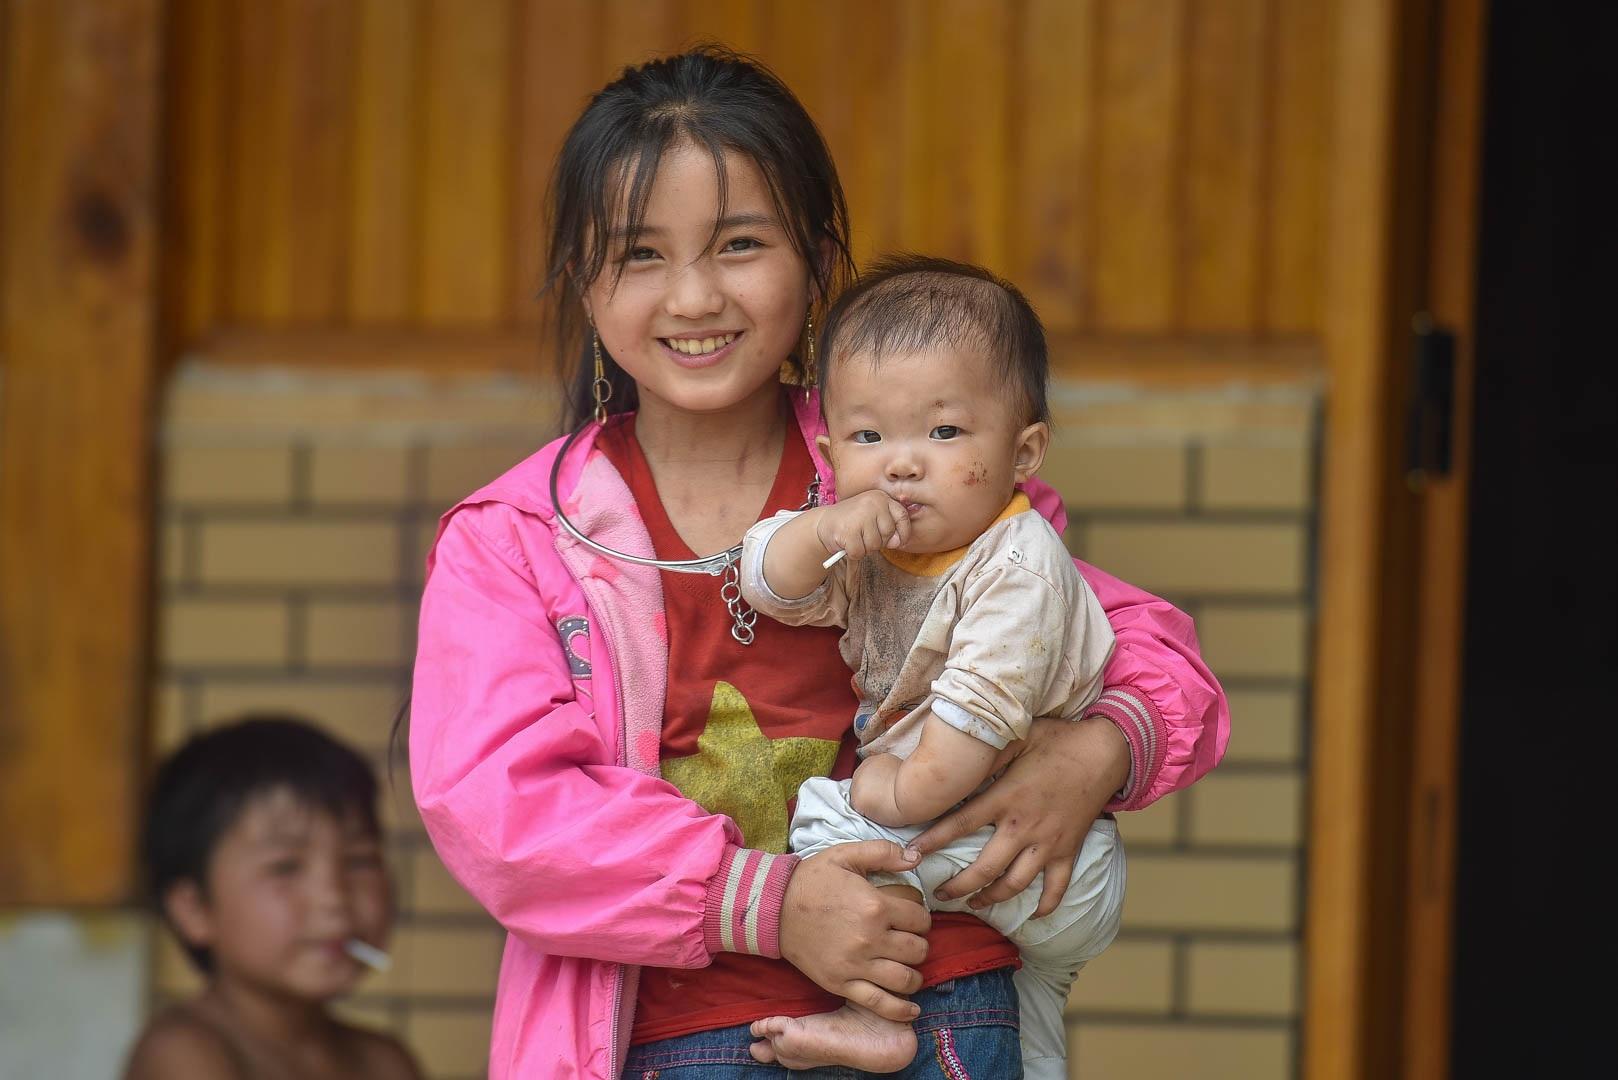 Ngày hè của trẻ em vùng cao Lào Cai | Sức khỏe và Pháp luật - Thông tin về  các vấn đề sức khỏe cộng đồng